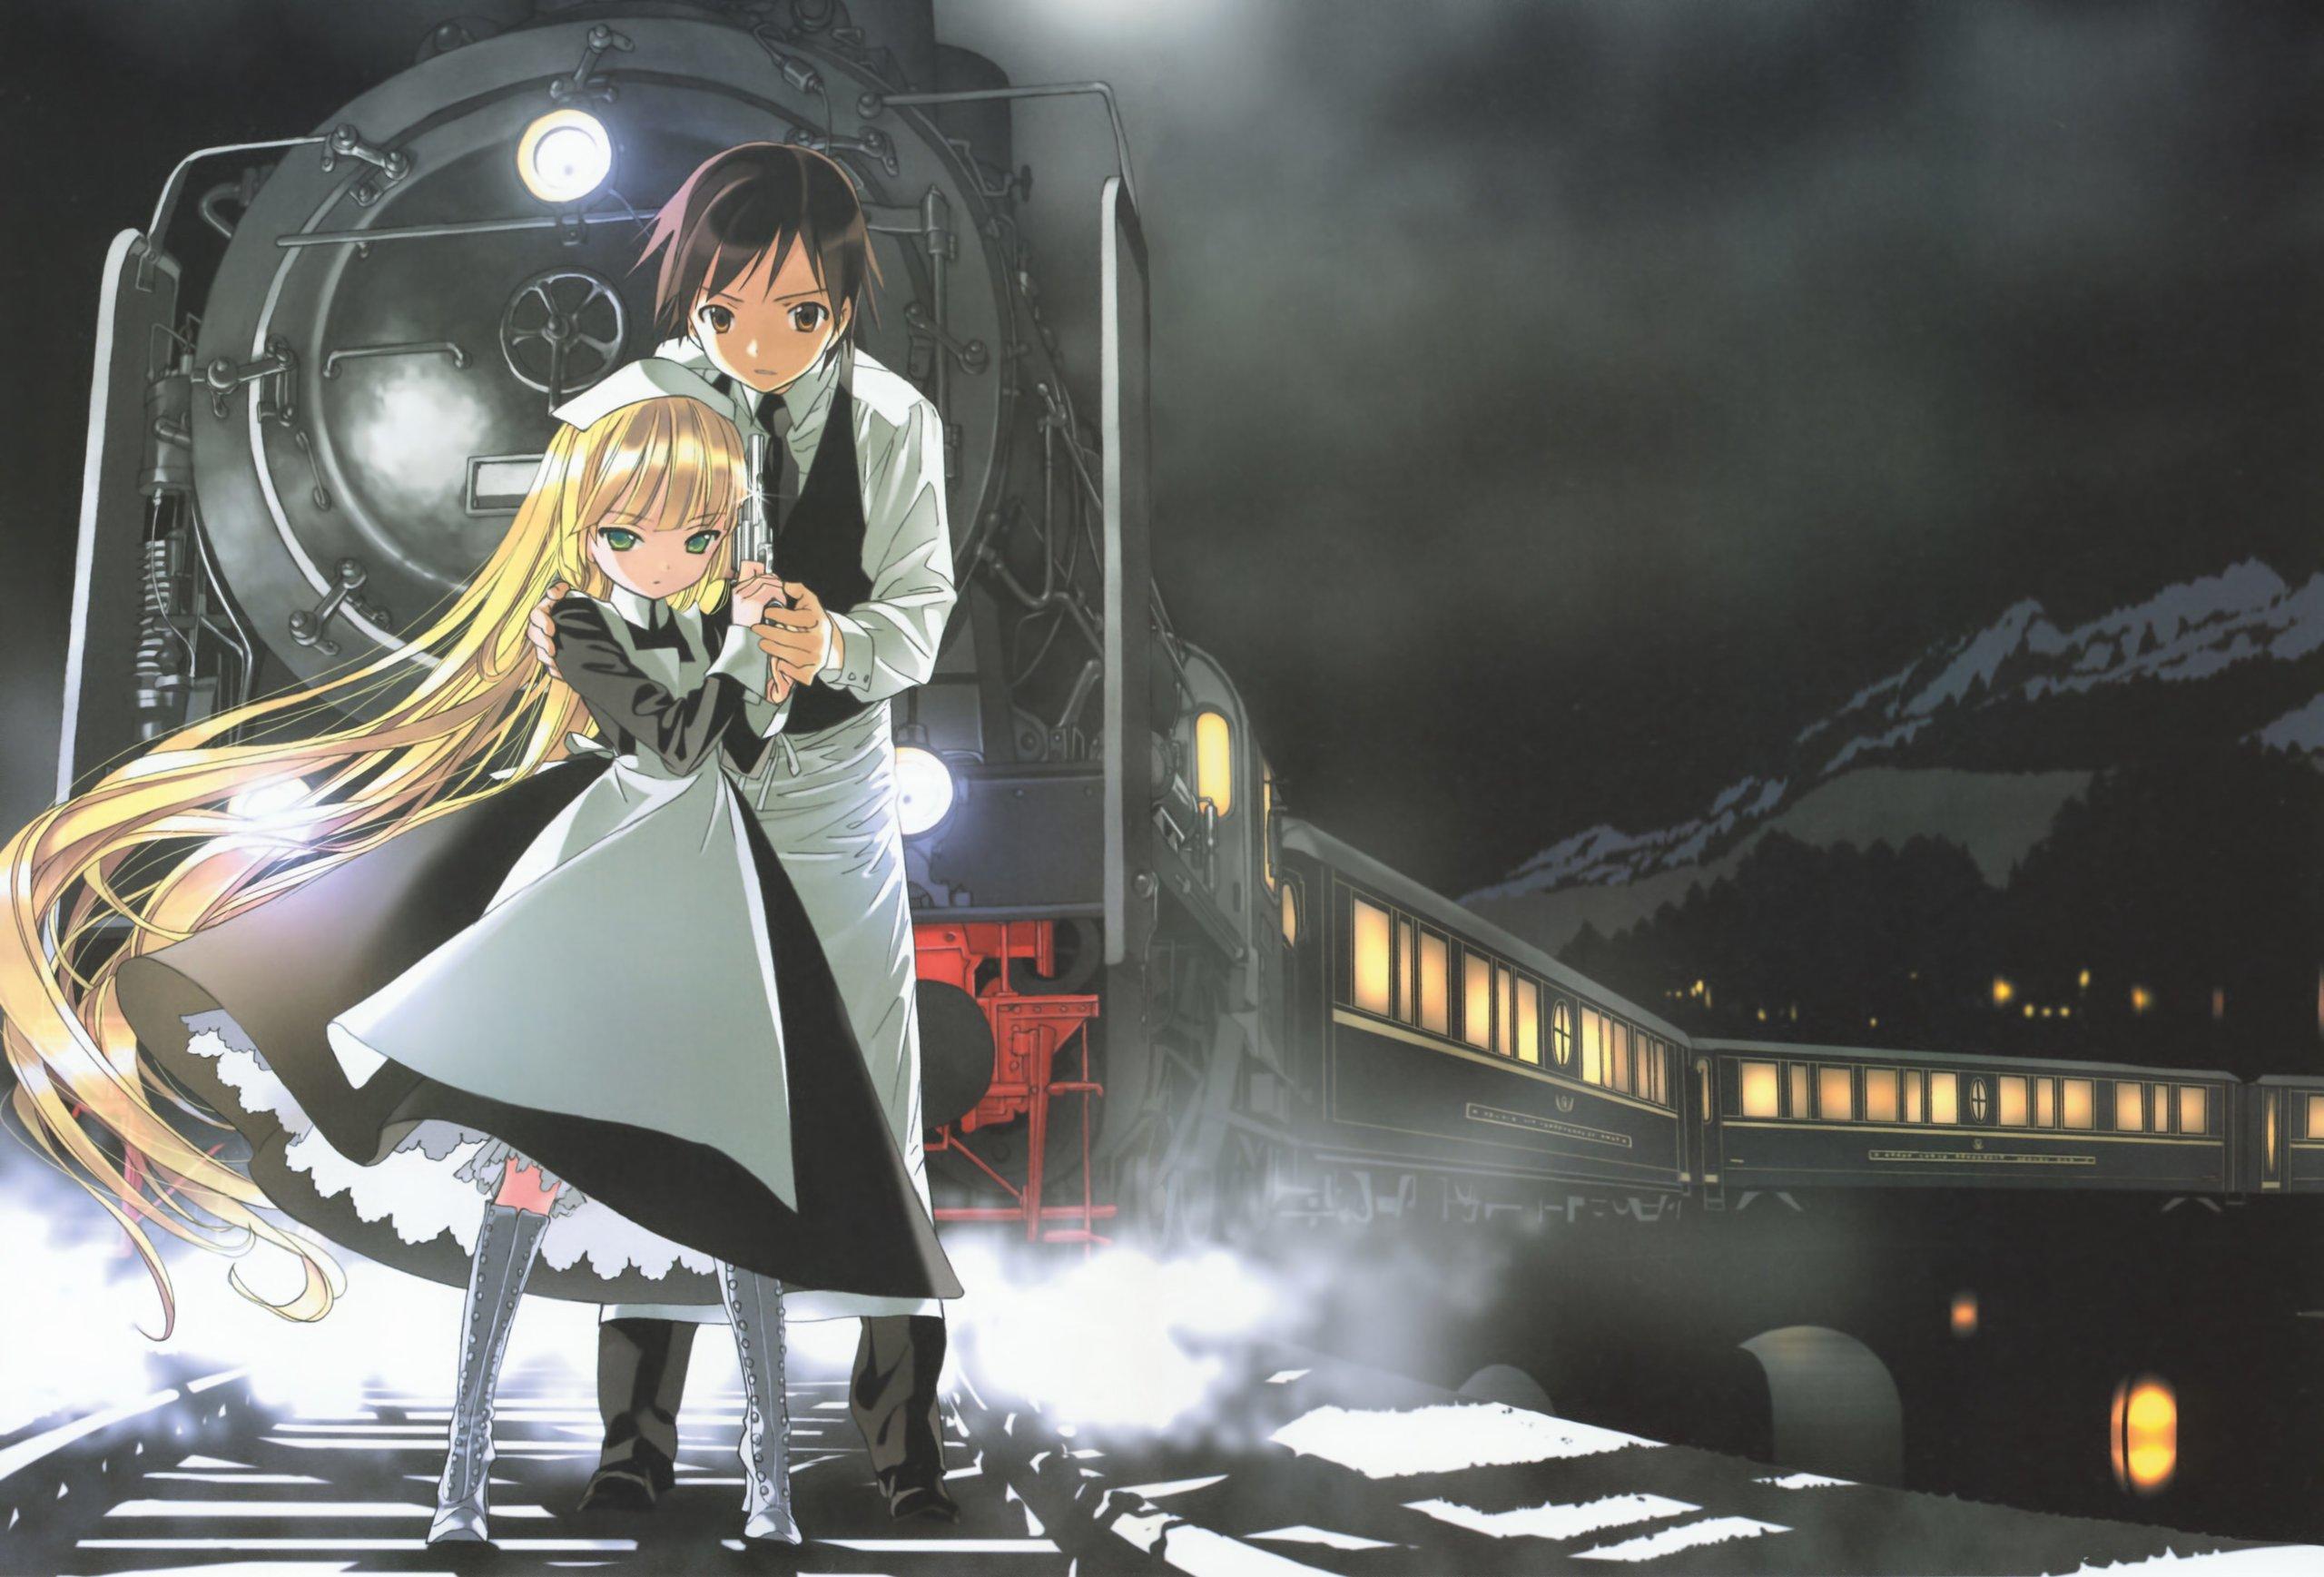 Смотреть онлайн аниме в поезде 17 фотография